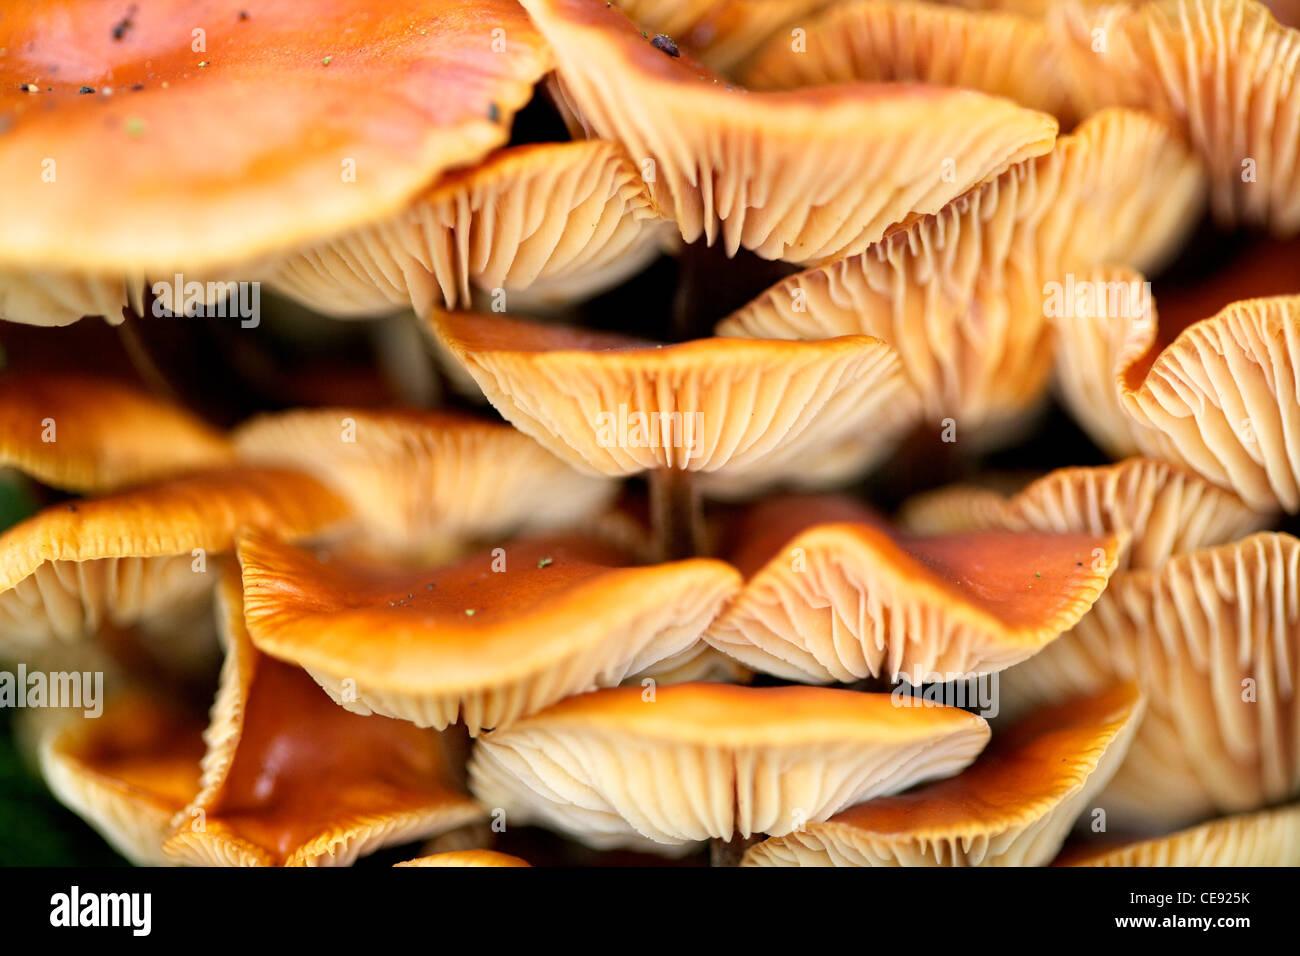 Champignon Armillaria mellea miel sur tronc d'arbre Photo Stock